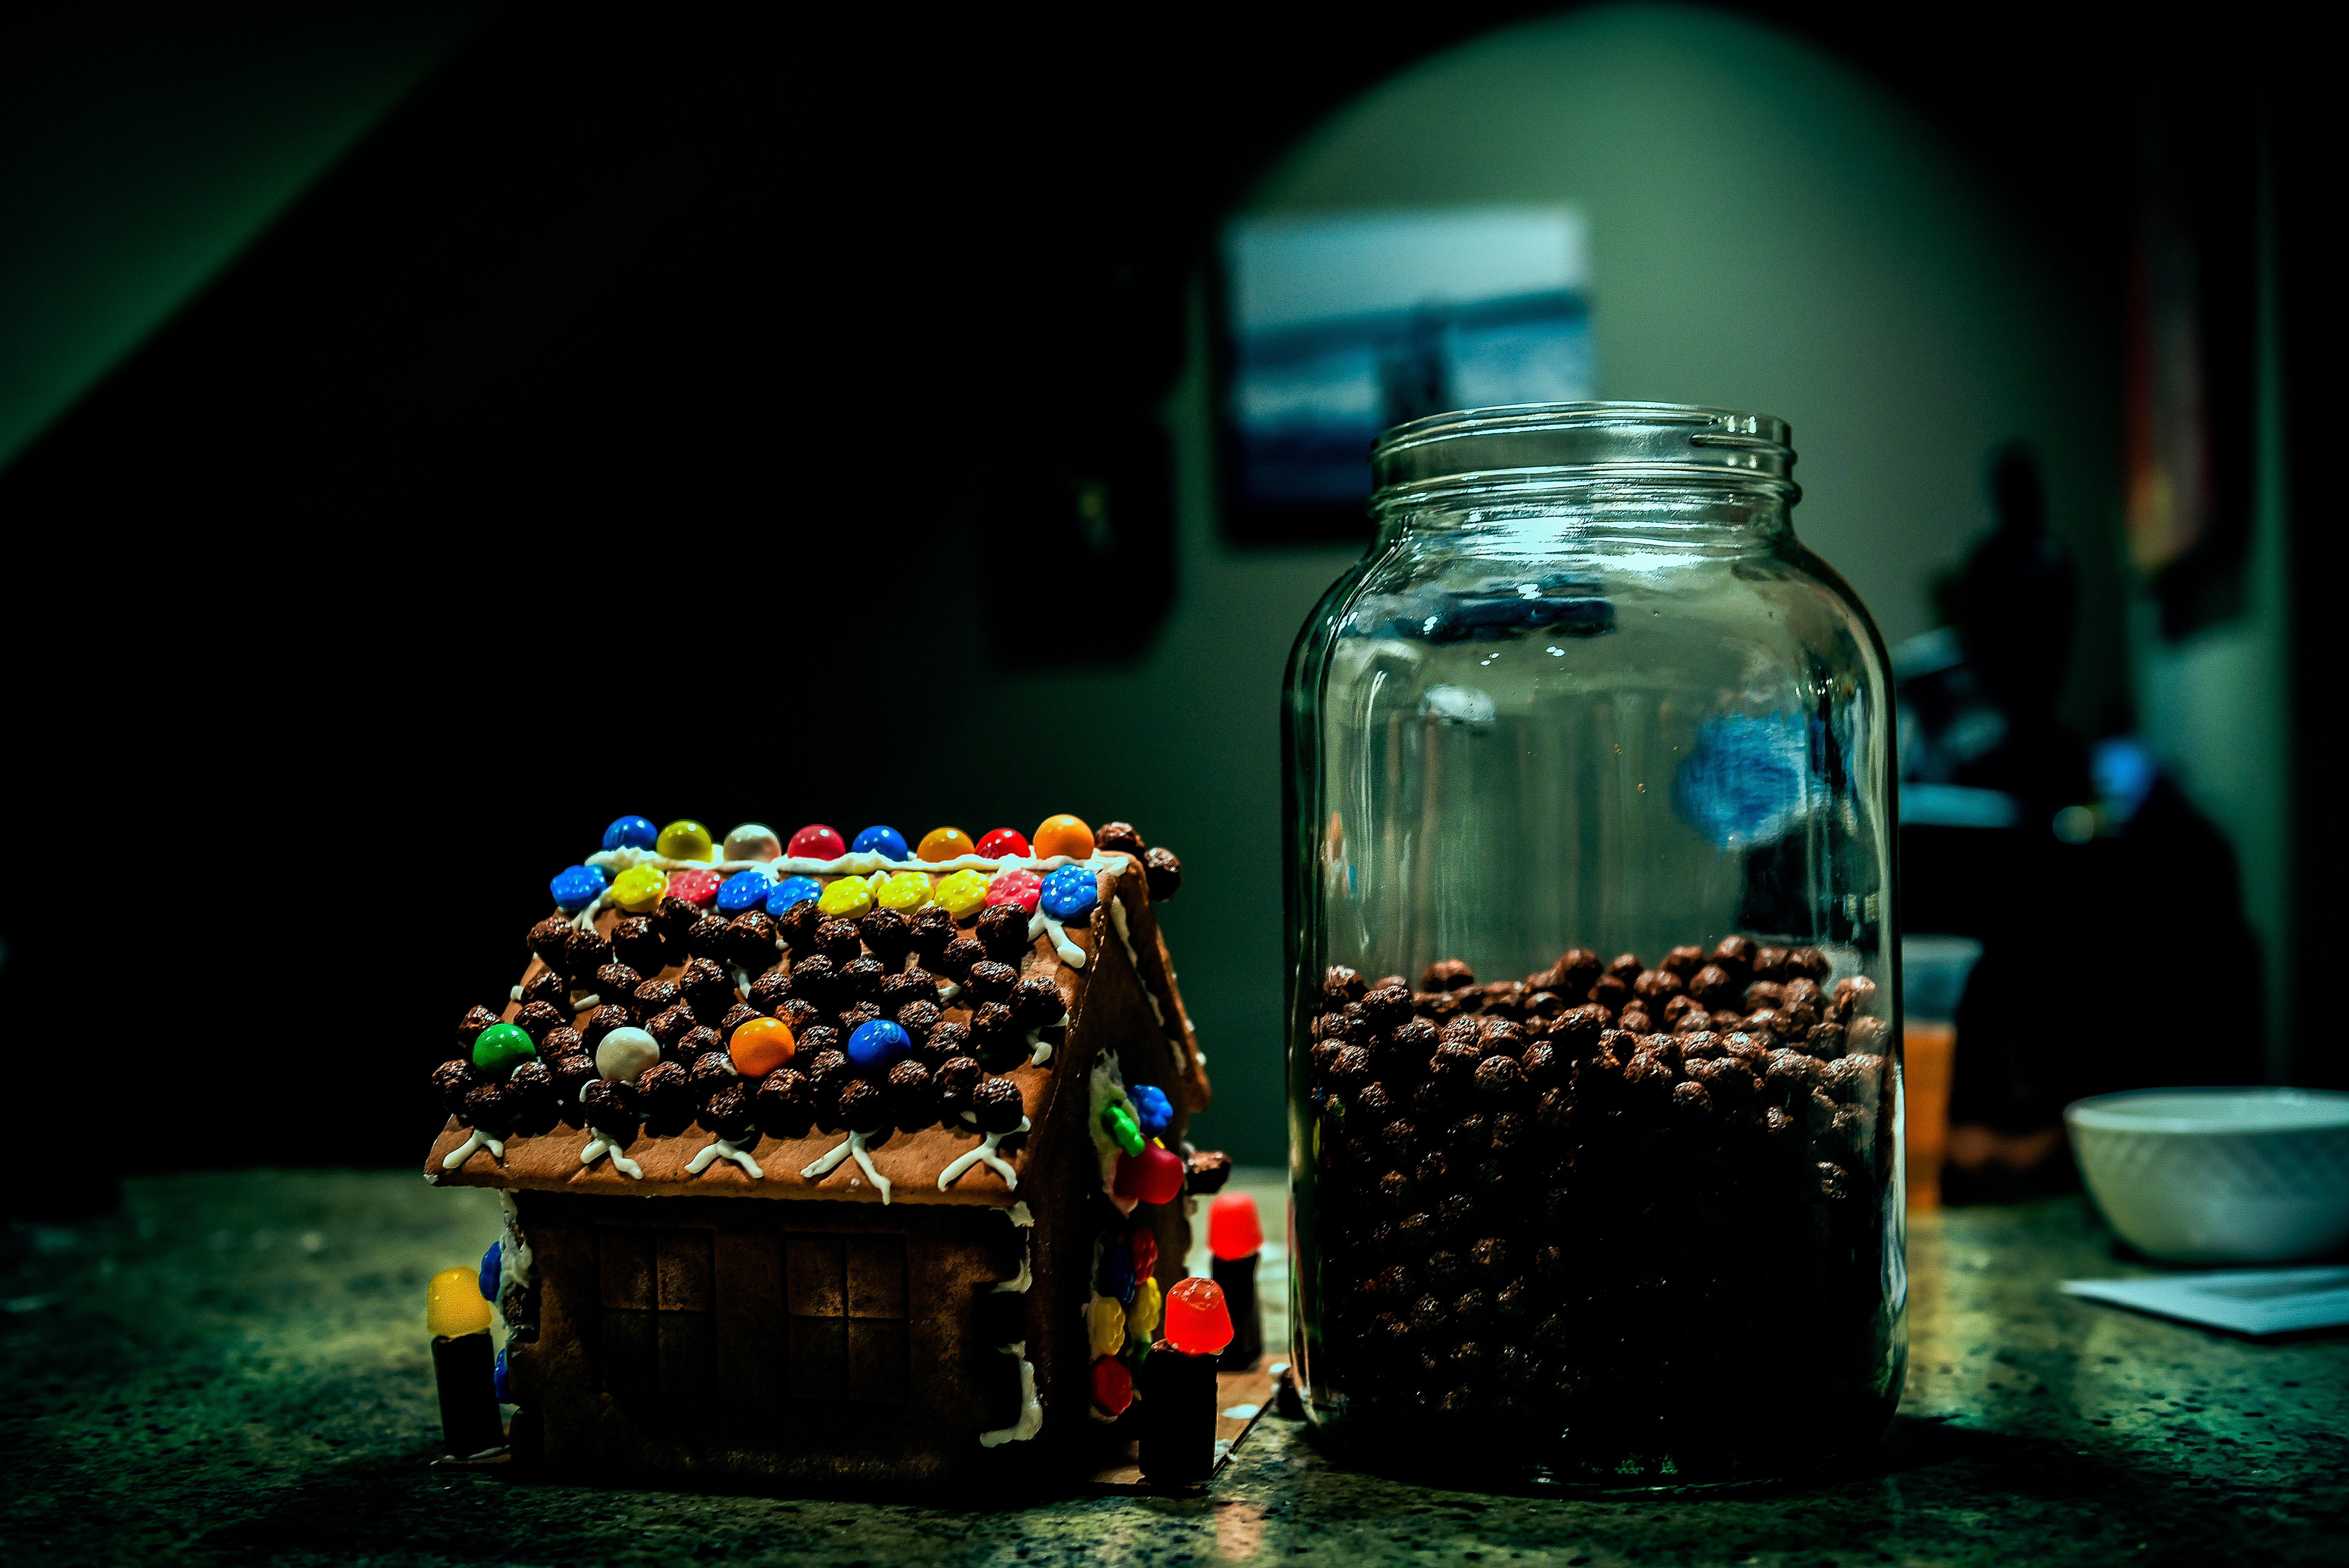 La boîte de chocolat